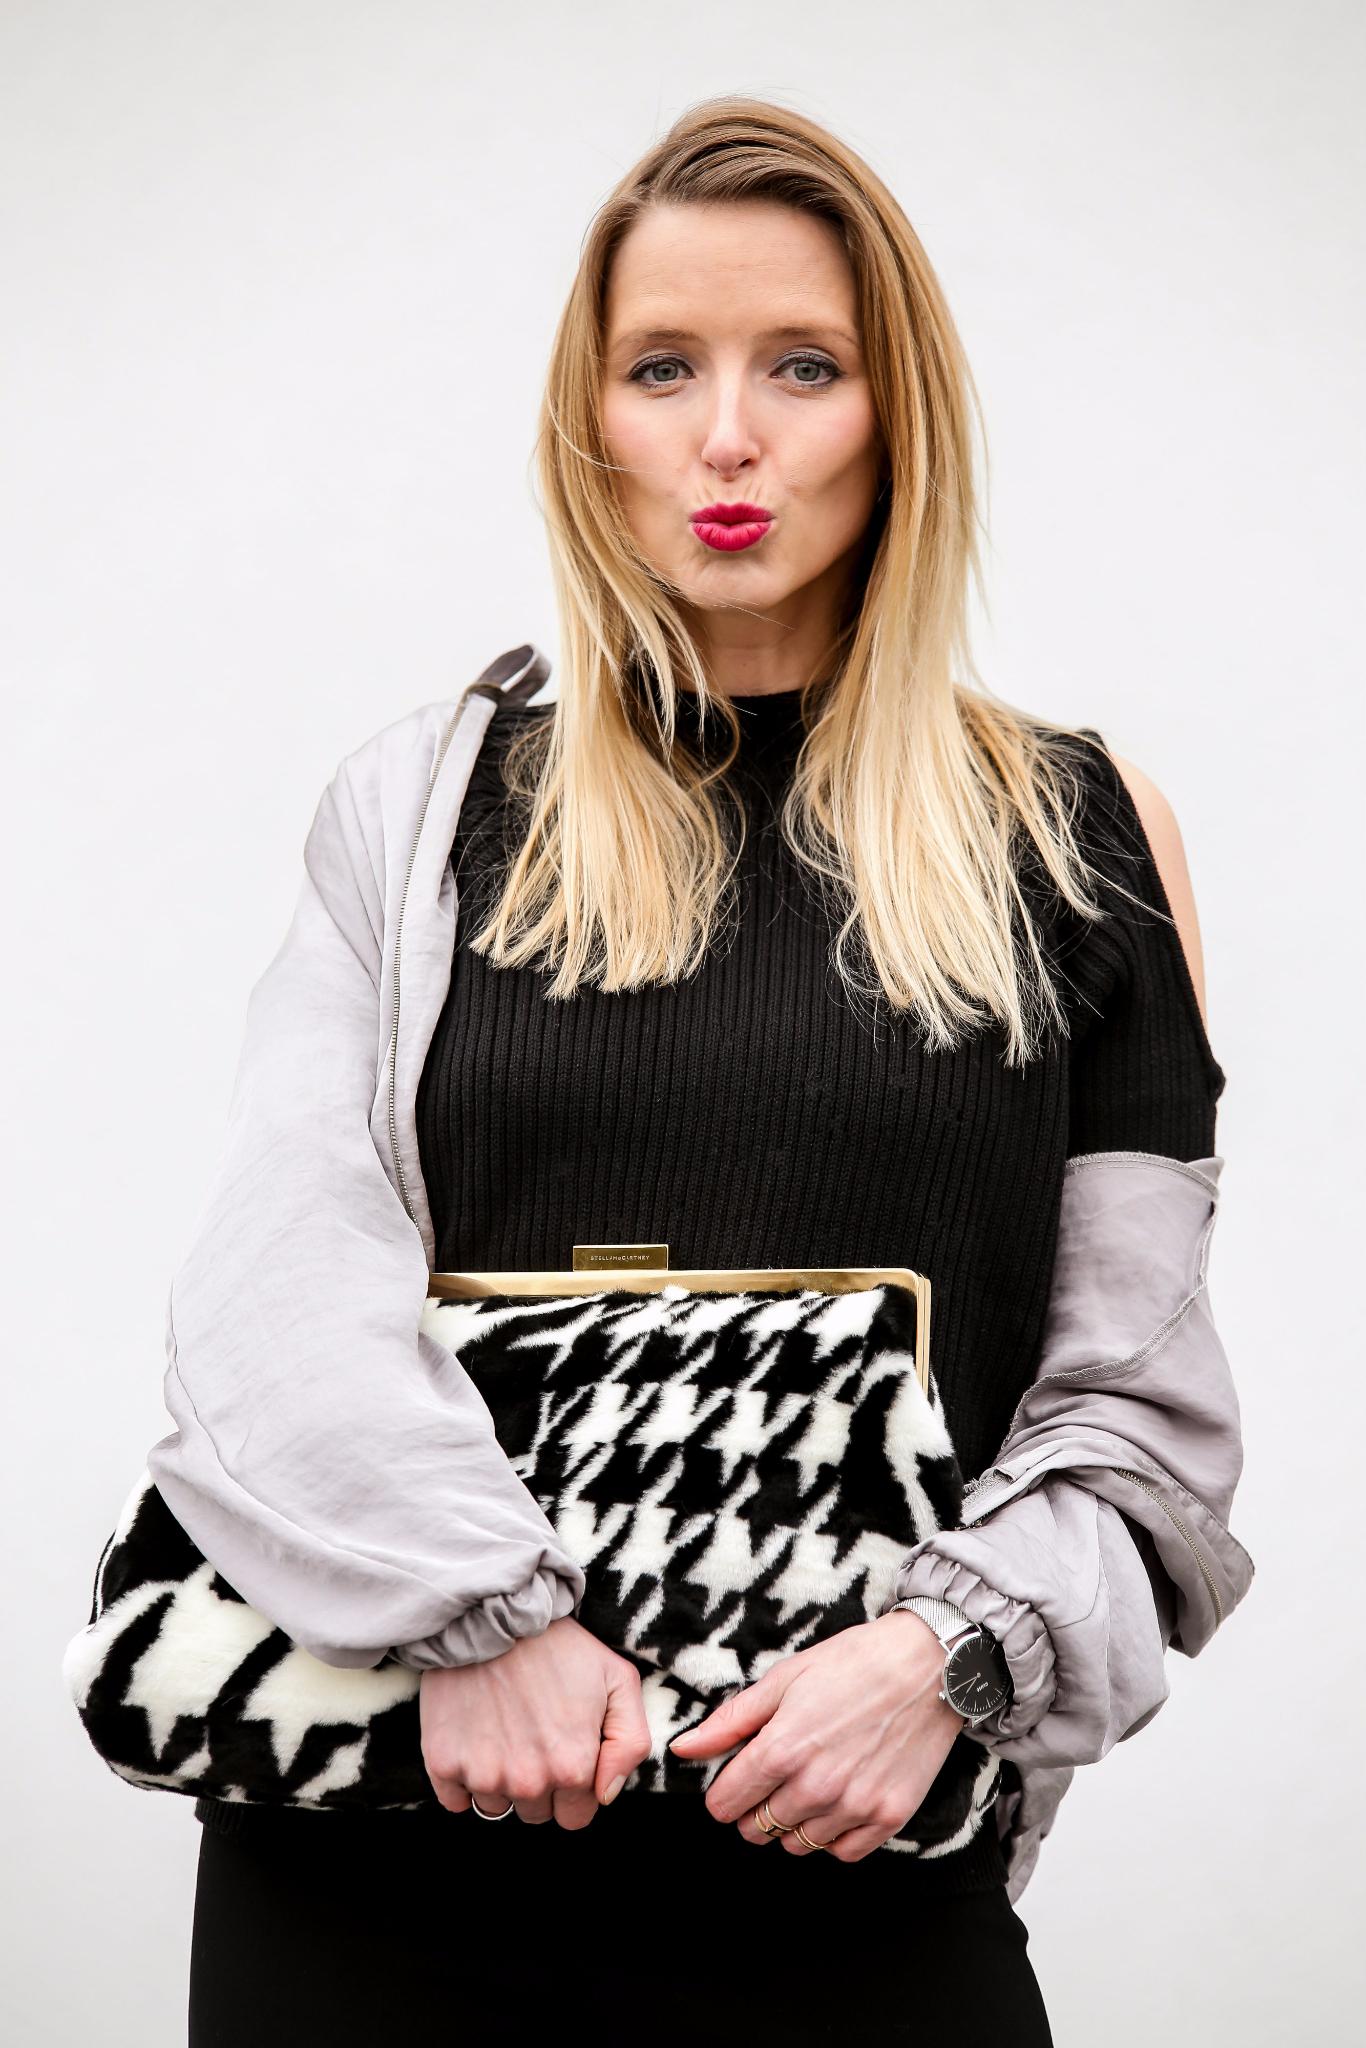 Fashion_Outfit_Satin_Bomber_Cold_Shoulder_MOD - by Monique-21_pix